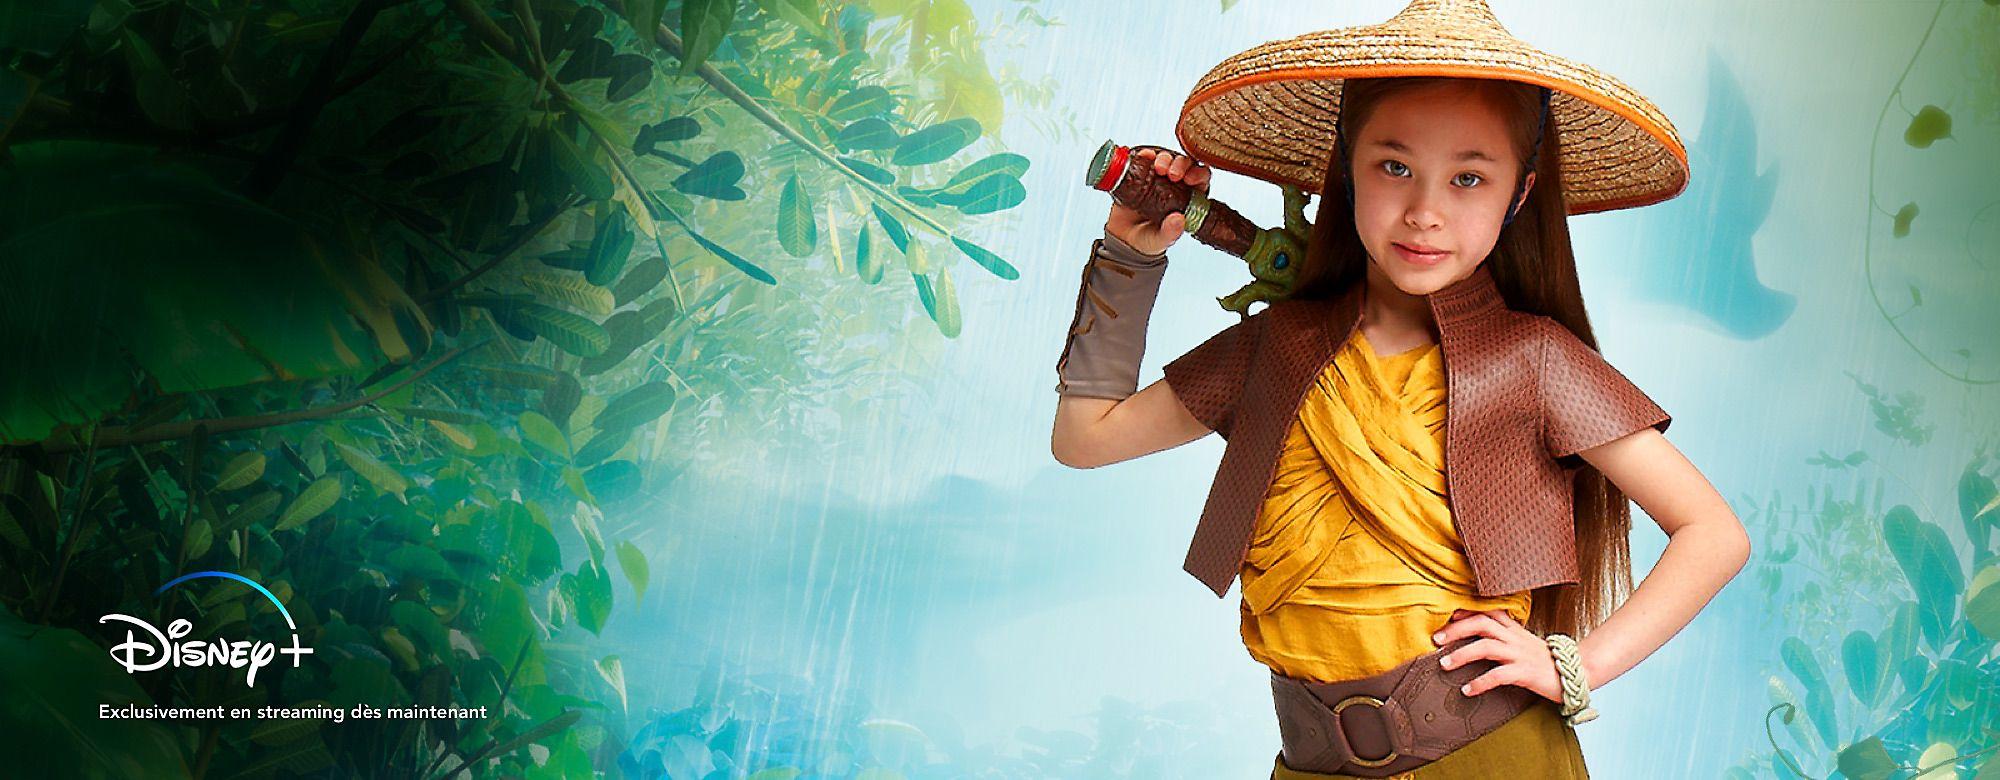 Raya et le Dernier Dragon Retrouvez le monde magique de Raya and the Last Dragon avec nos jouets, vêtements, déguisements et plus.  © *Abonnement requis. Voir conditions sur DisneyPlus.com